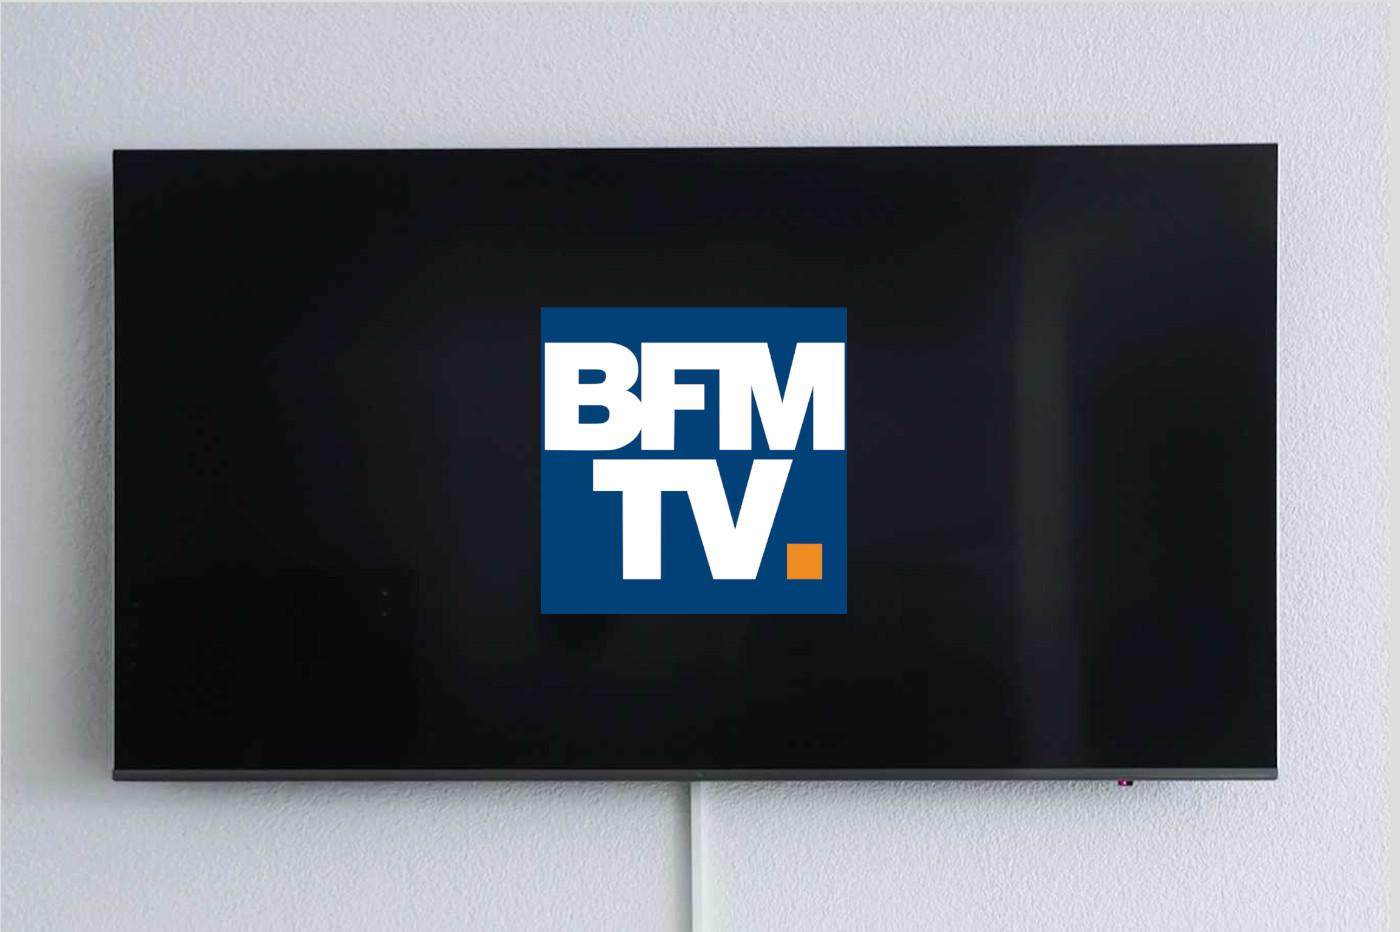 Les abonnés Orange retrouvent finalement BFM TV sur leur Livebox